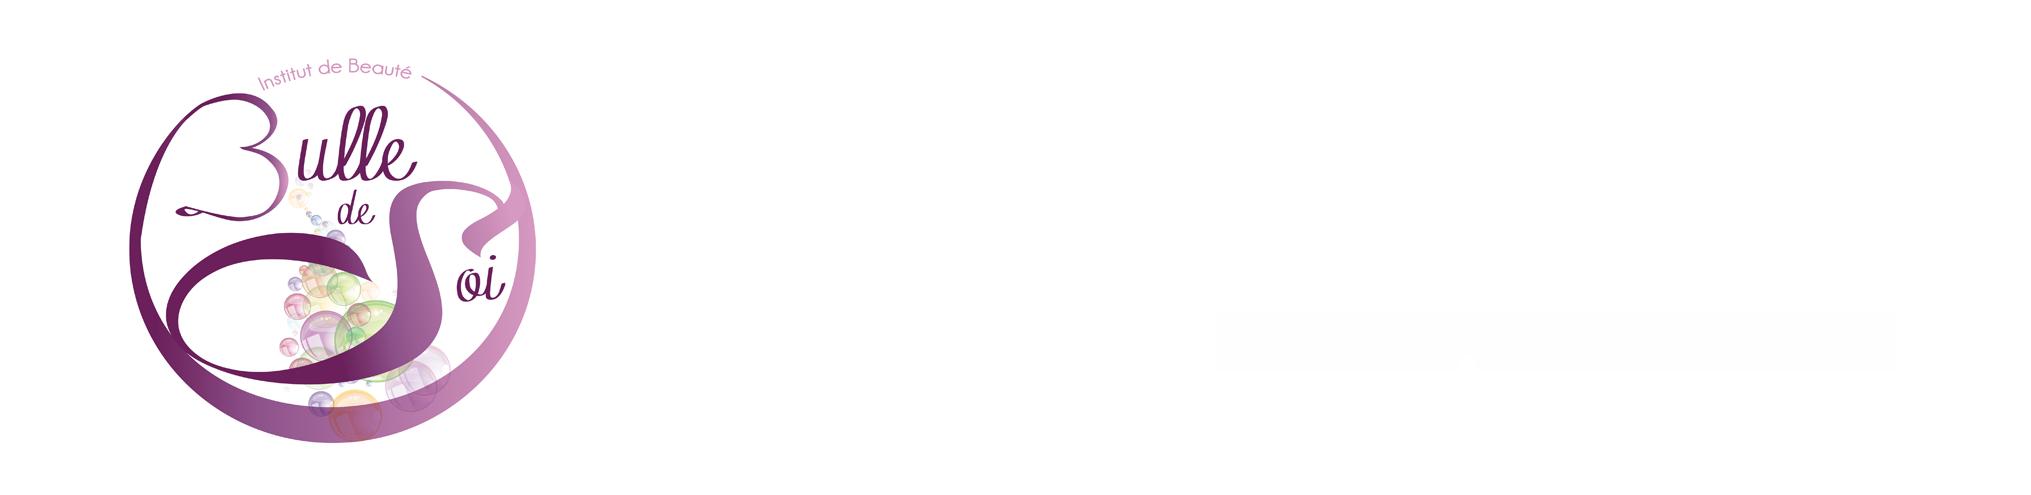 bannière site test Bulle de Soi Saujon